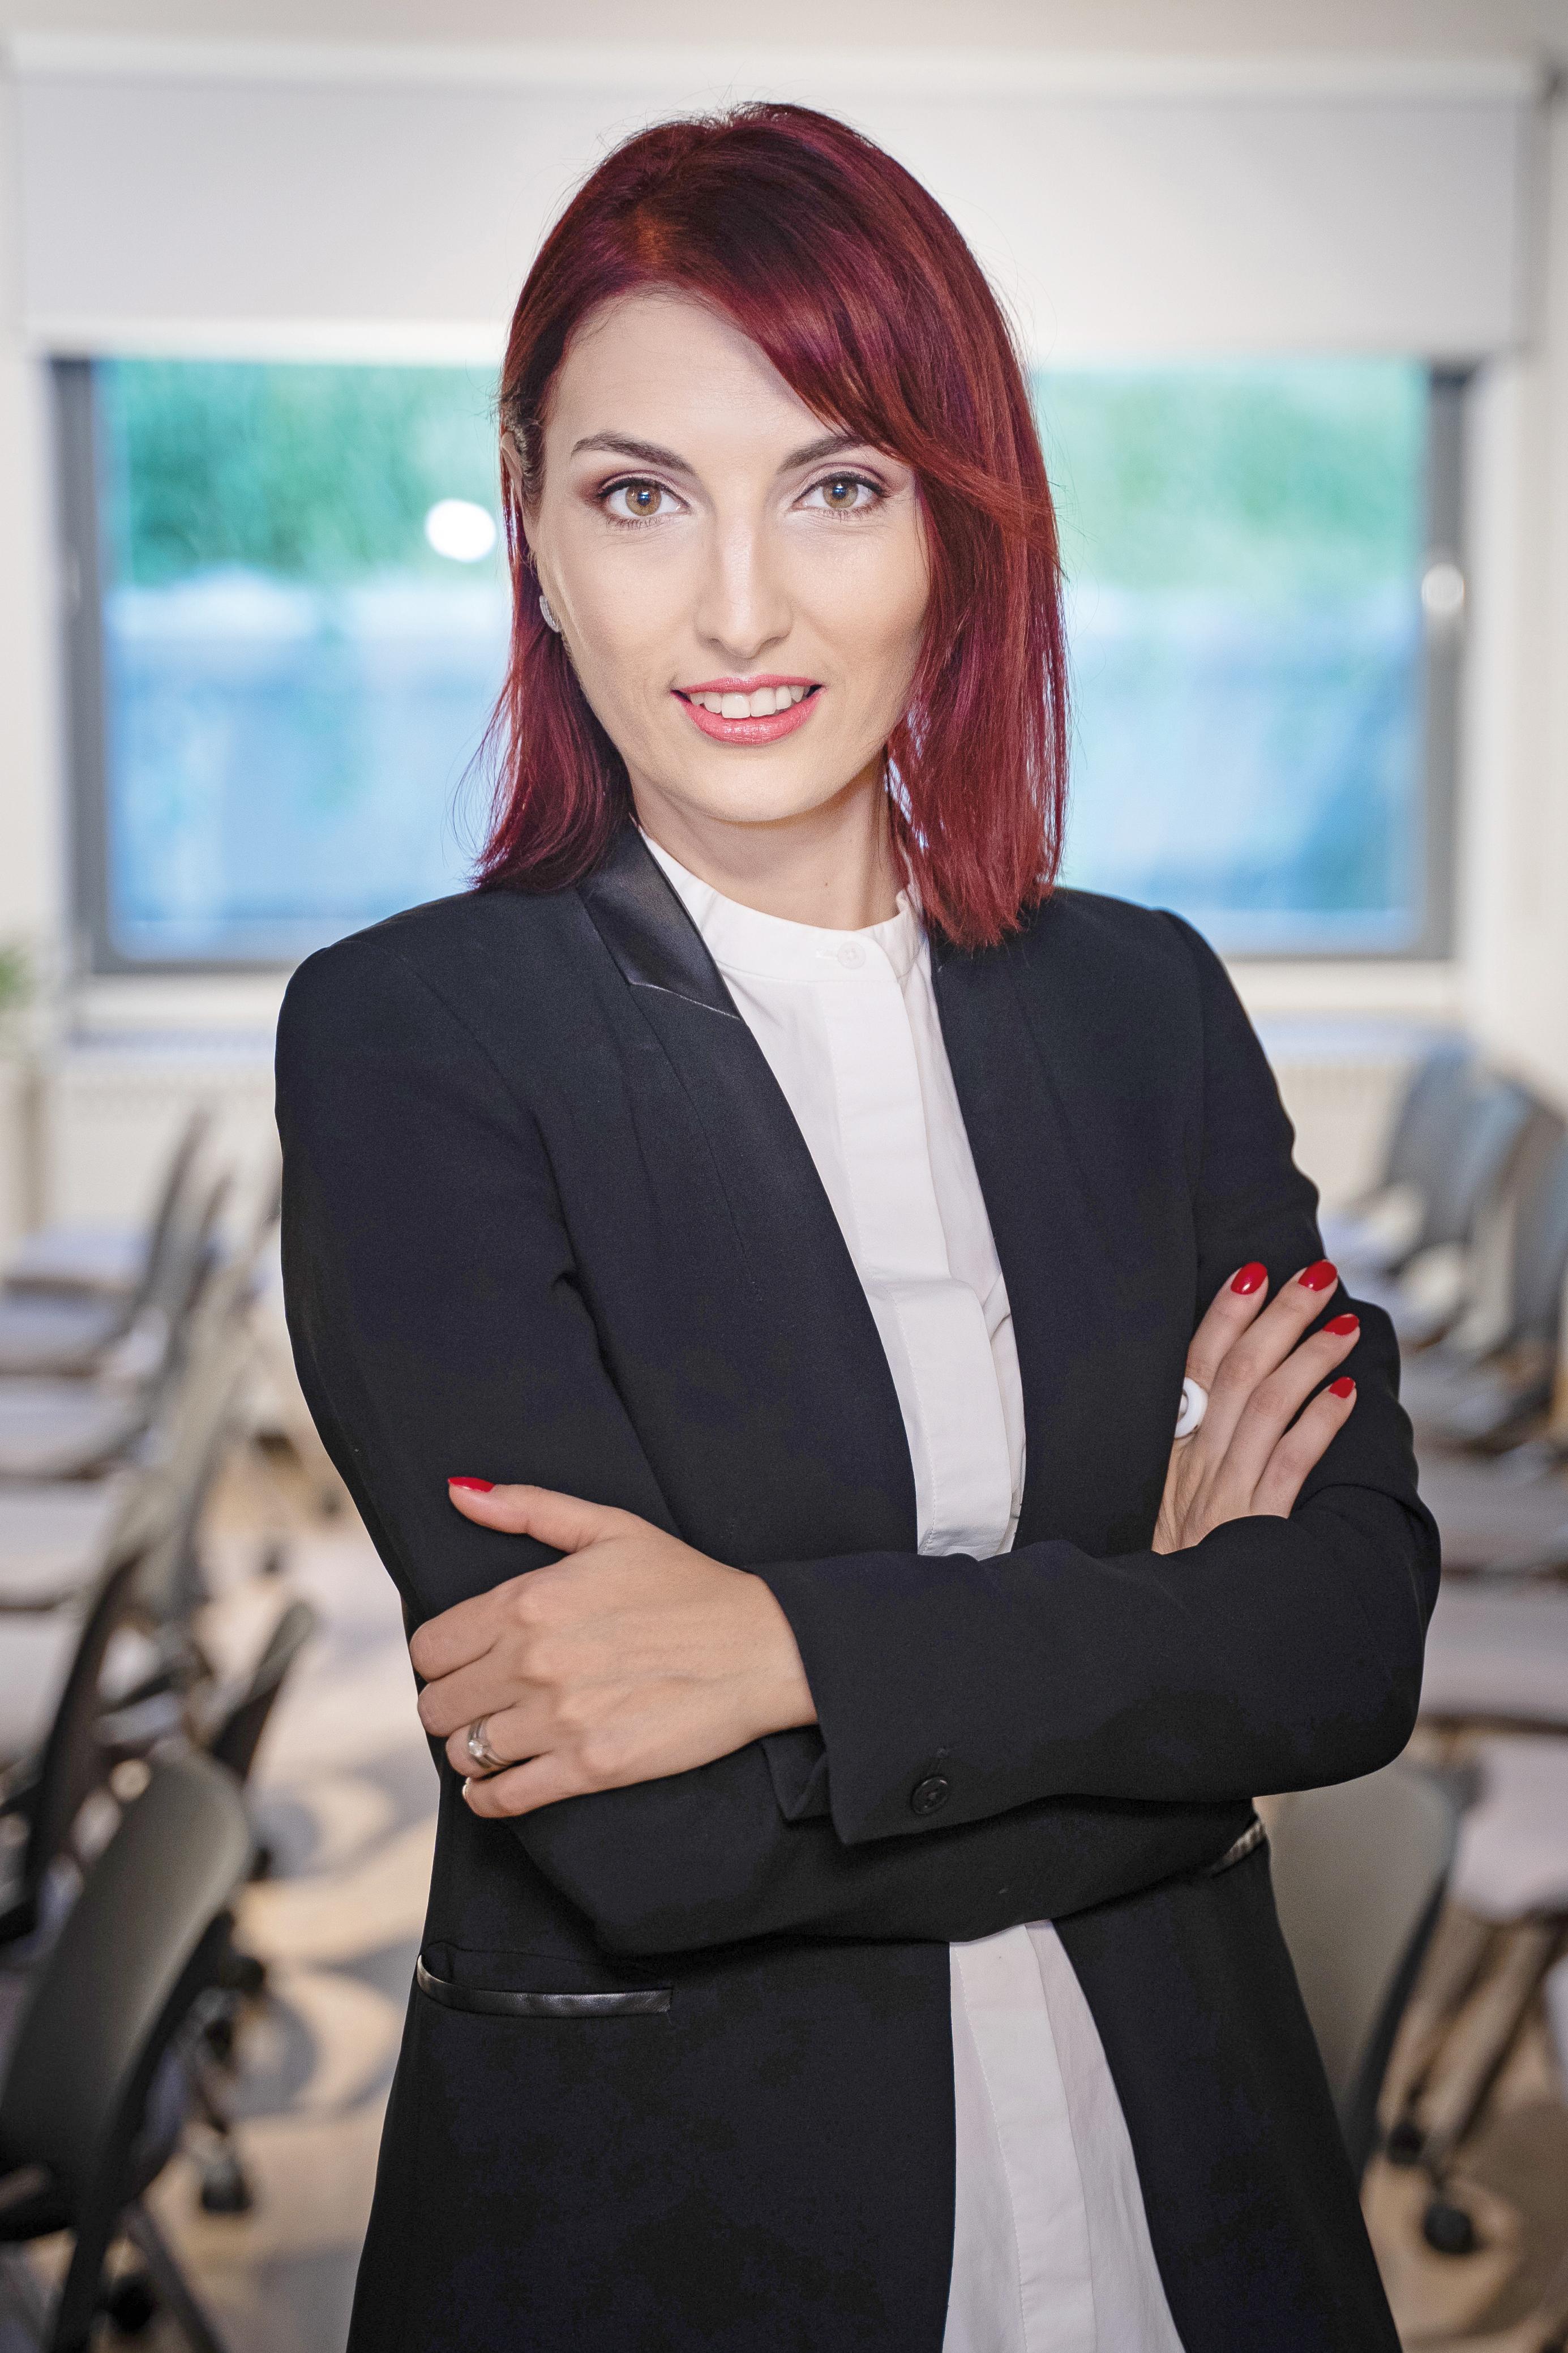 105 Cele mai puternice femei din business - Emilia Popa, head of marketing and communication, Mazars(...)